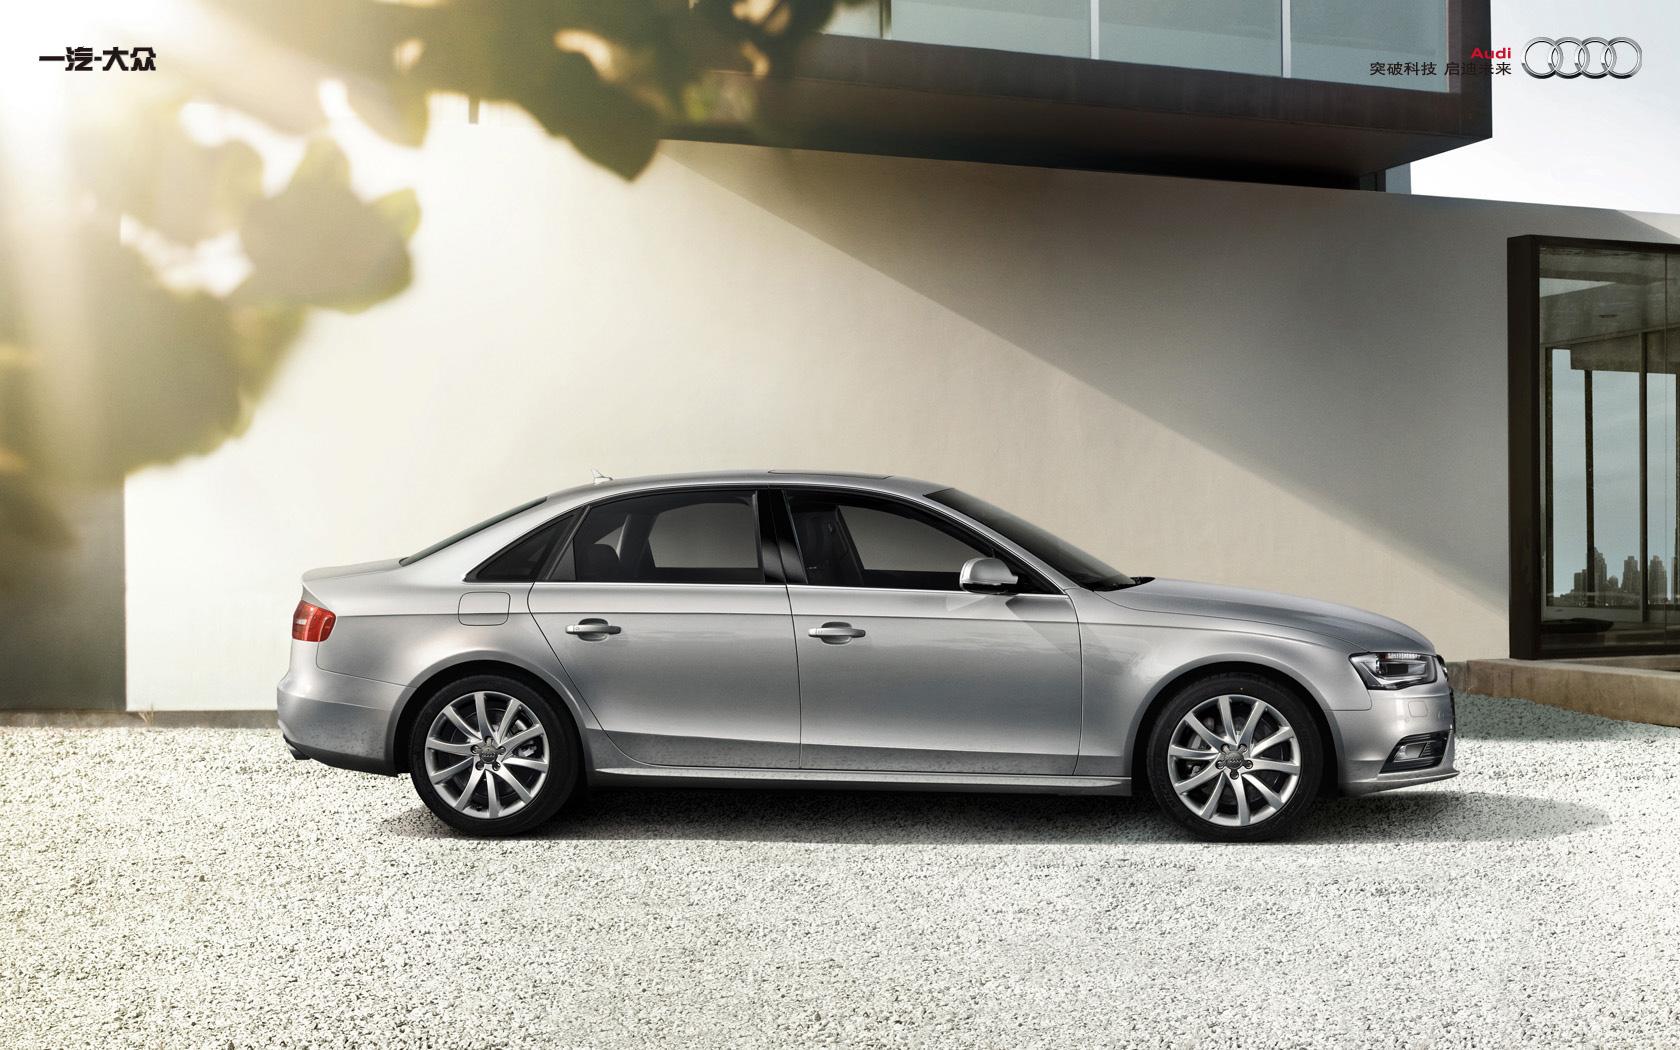 Audi Etron Quattro >> AUDI A4L specs & photos - 2012, 2013, 2014, 2015, 2016, 2017, 2018 - autoevolution